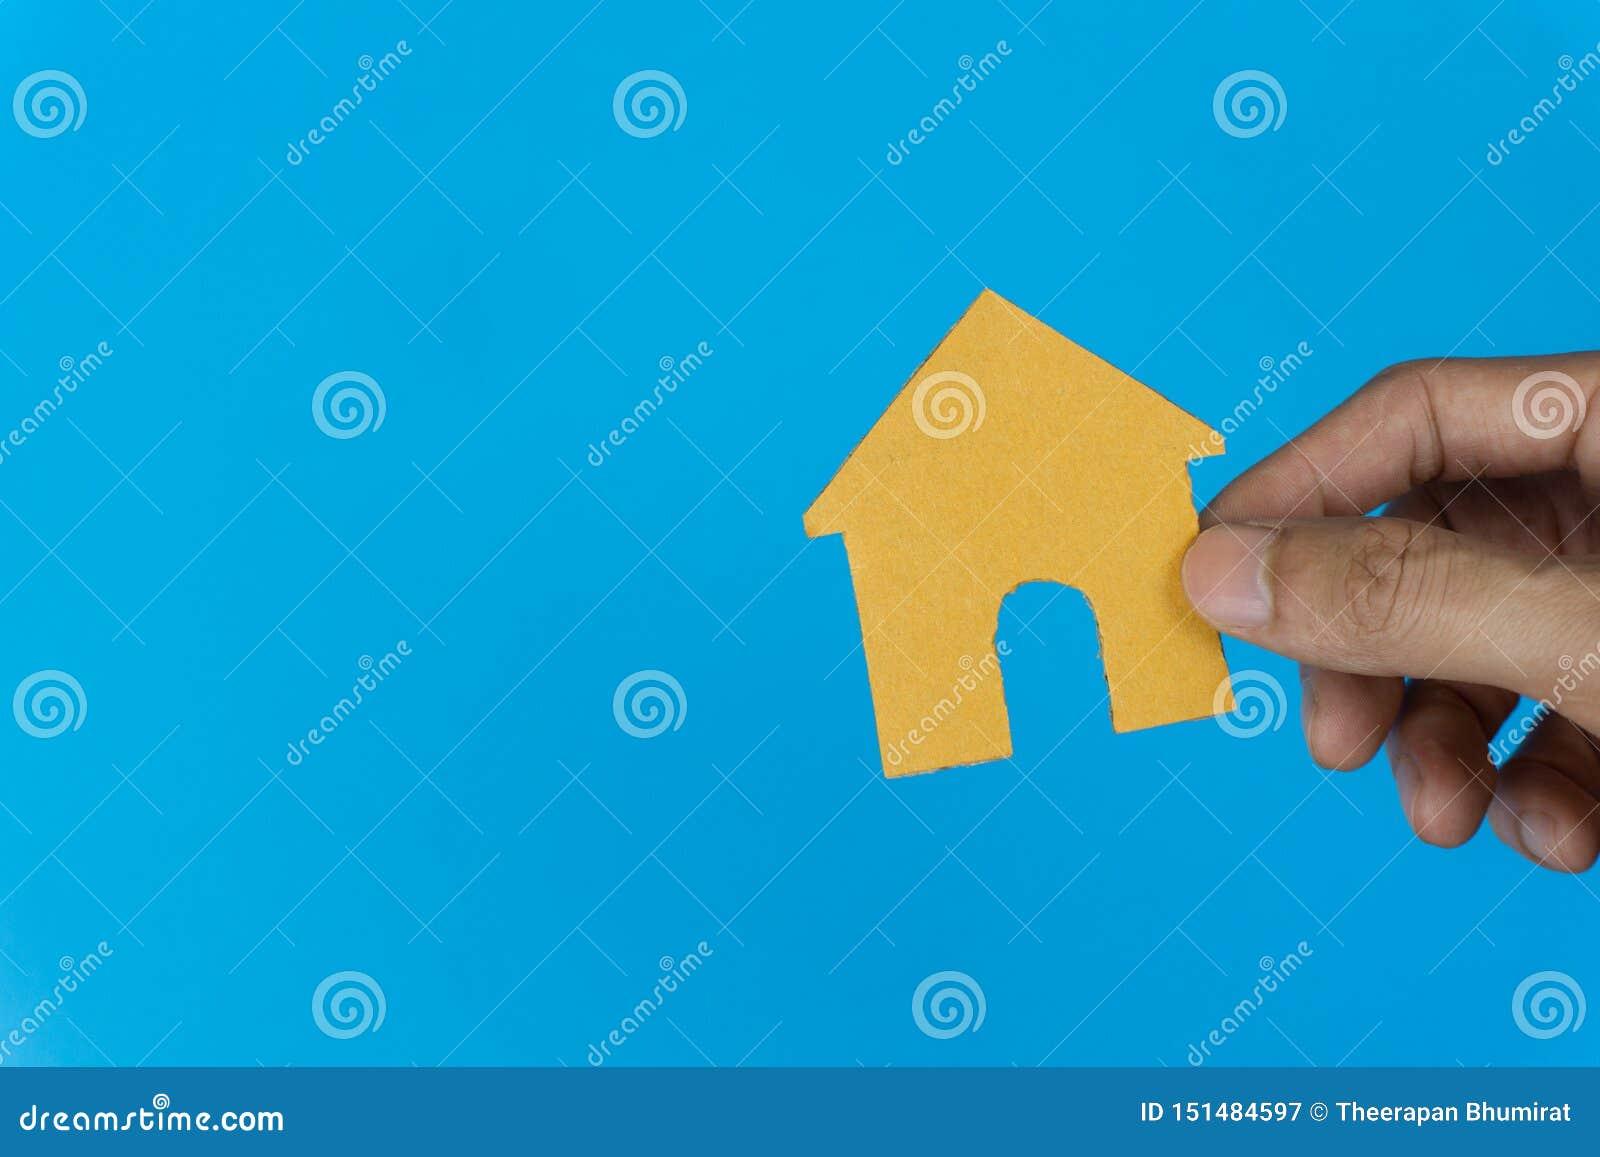 Eigentums-Konzept Wohnungsbaudarlehen, Rückhypothek, Wohnung, Geschäft und Finanzierung Eine Mannhand, die kleines Haus auf blaue